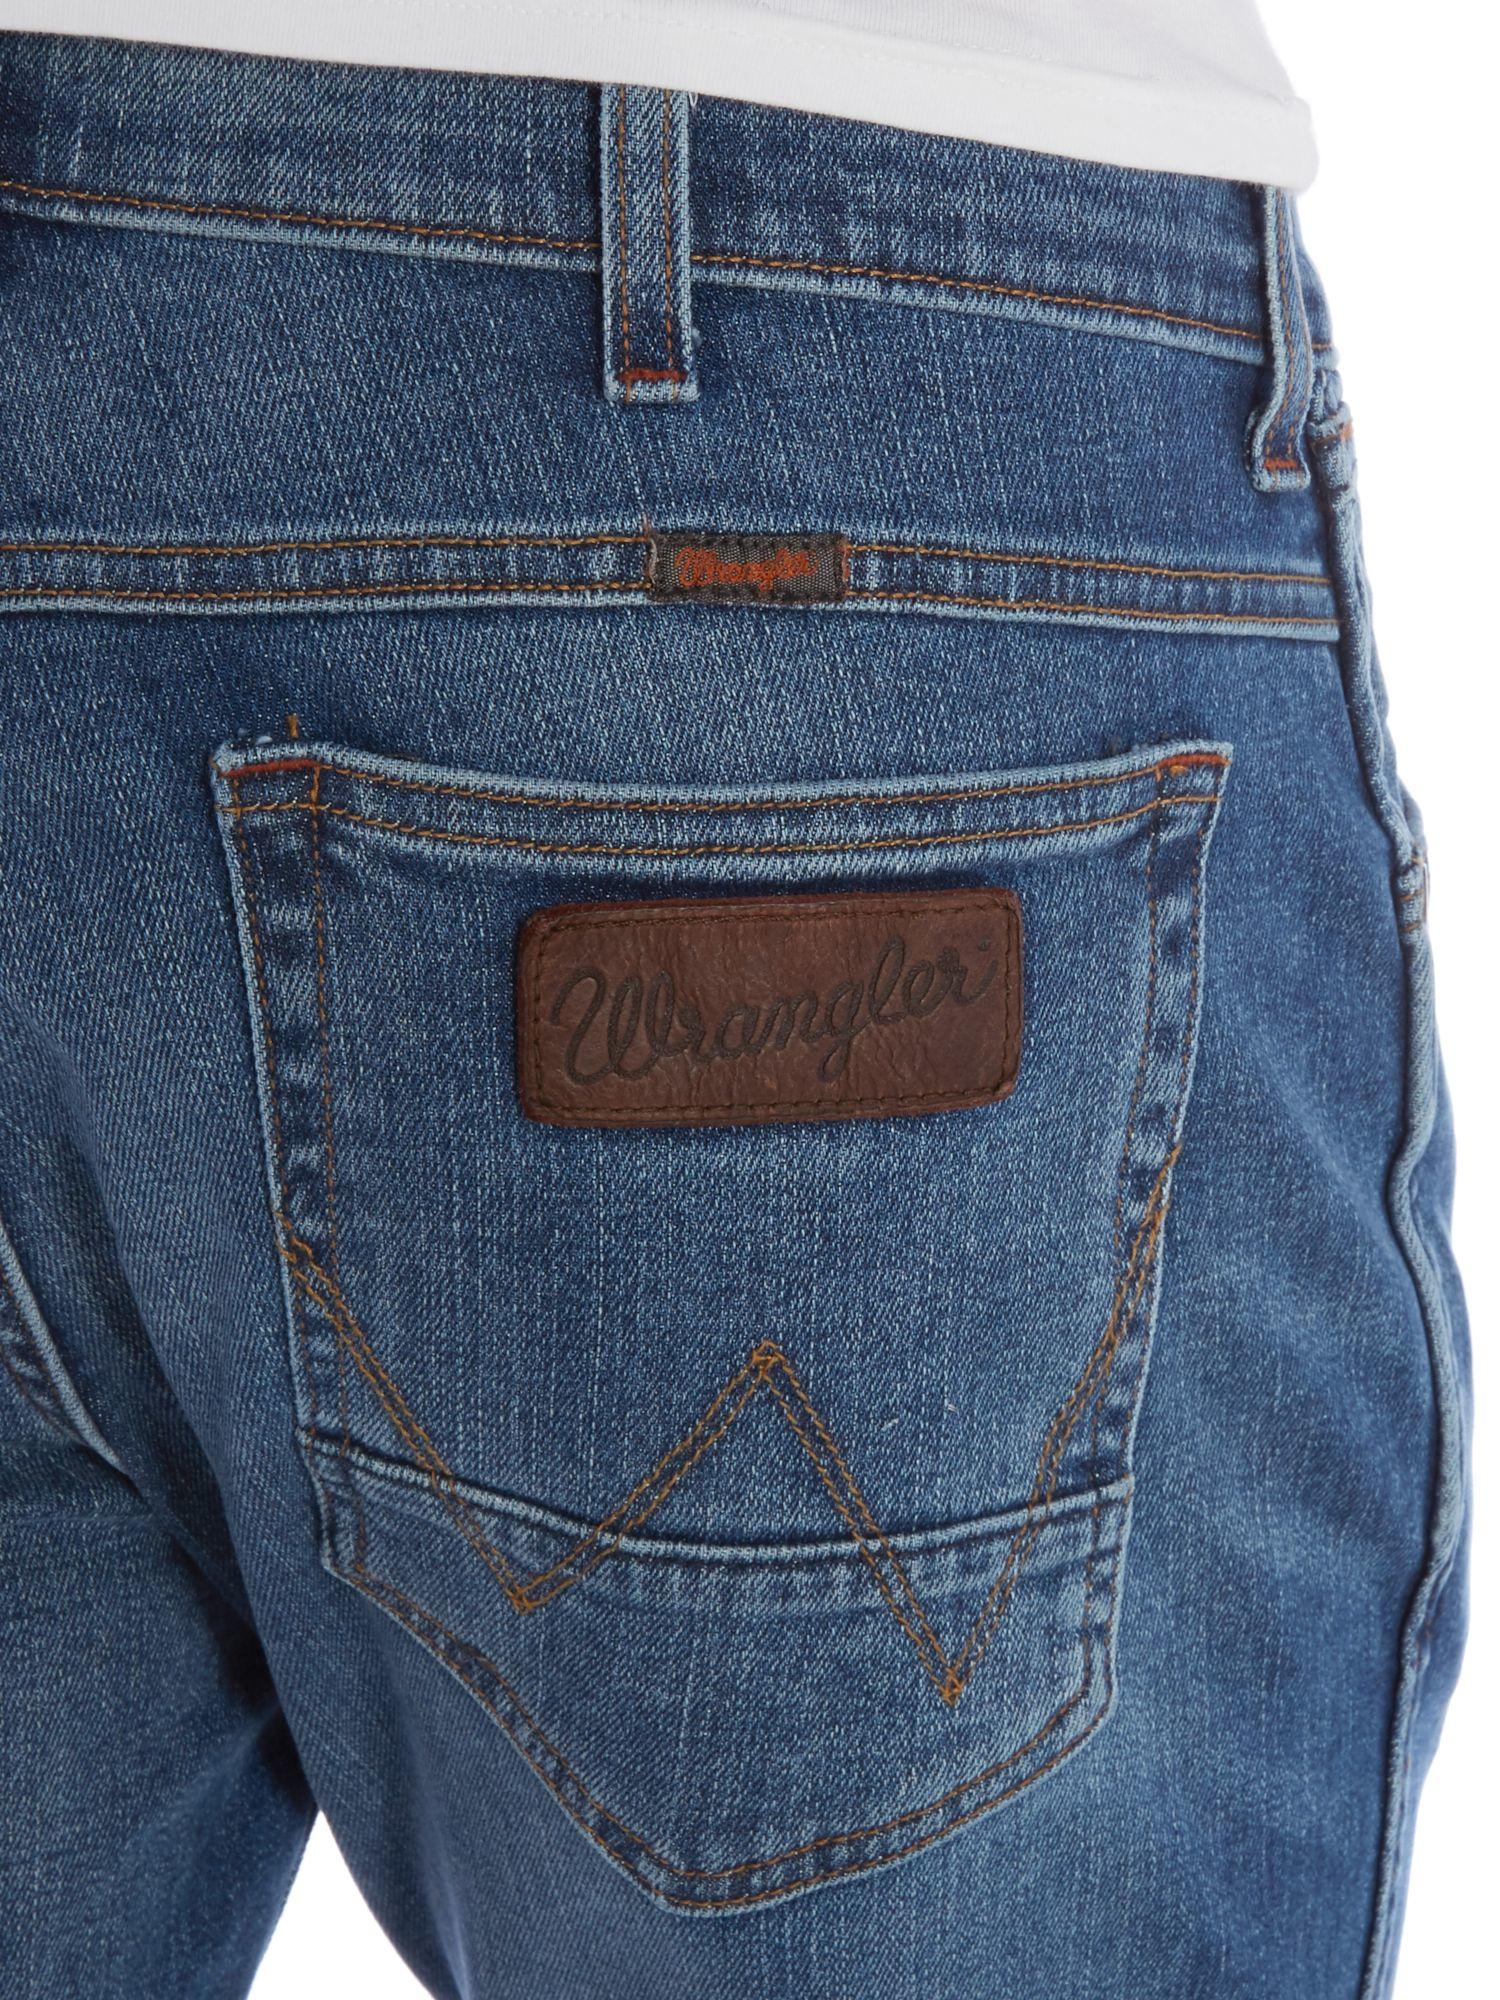 Wrangler greensboro from here straight leg jean in blue for Wrangler denim shirts uk